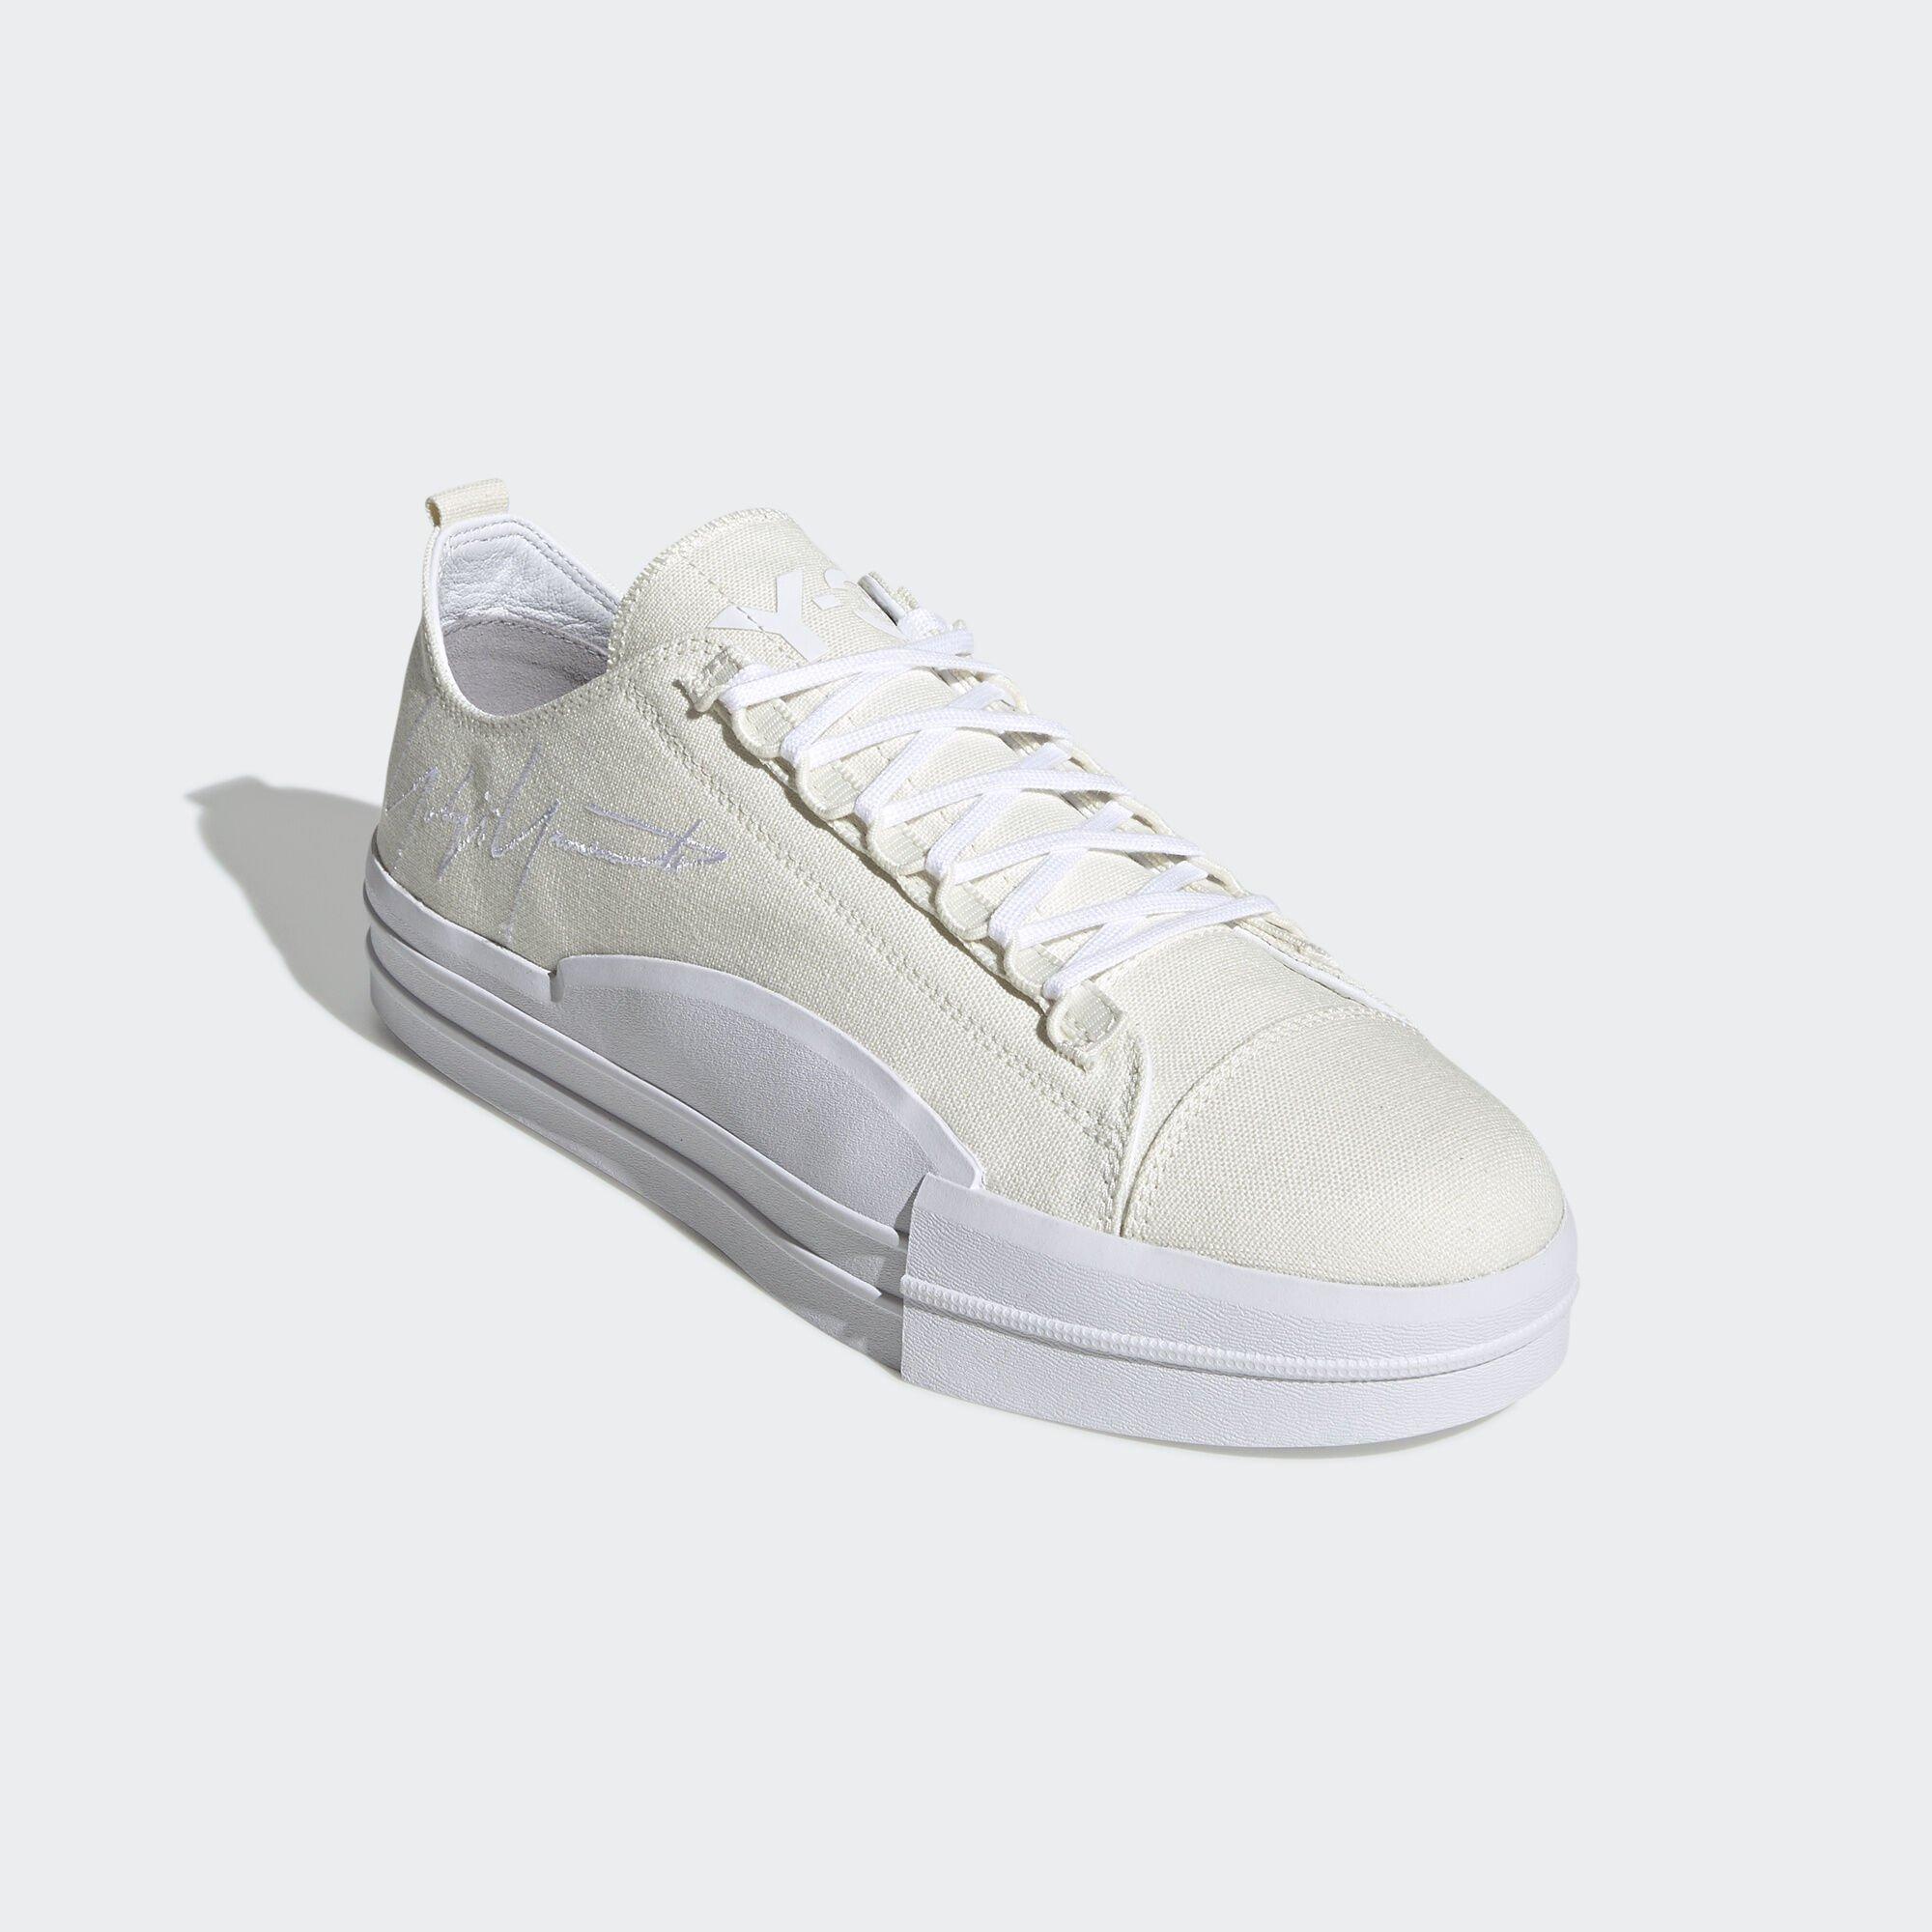 adidas Y-3 Yuben Low White (EF2652)